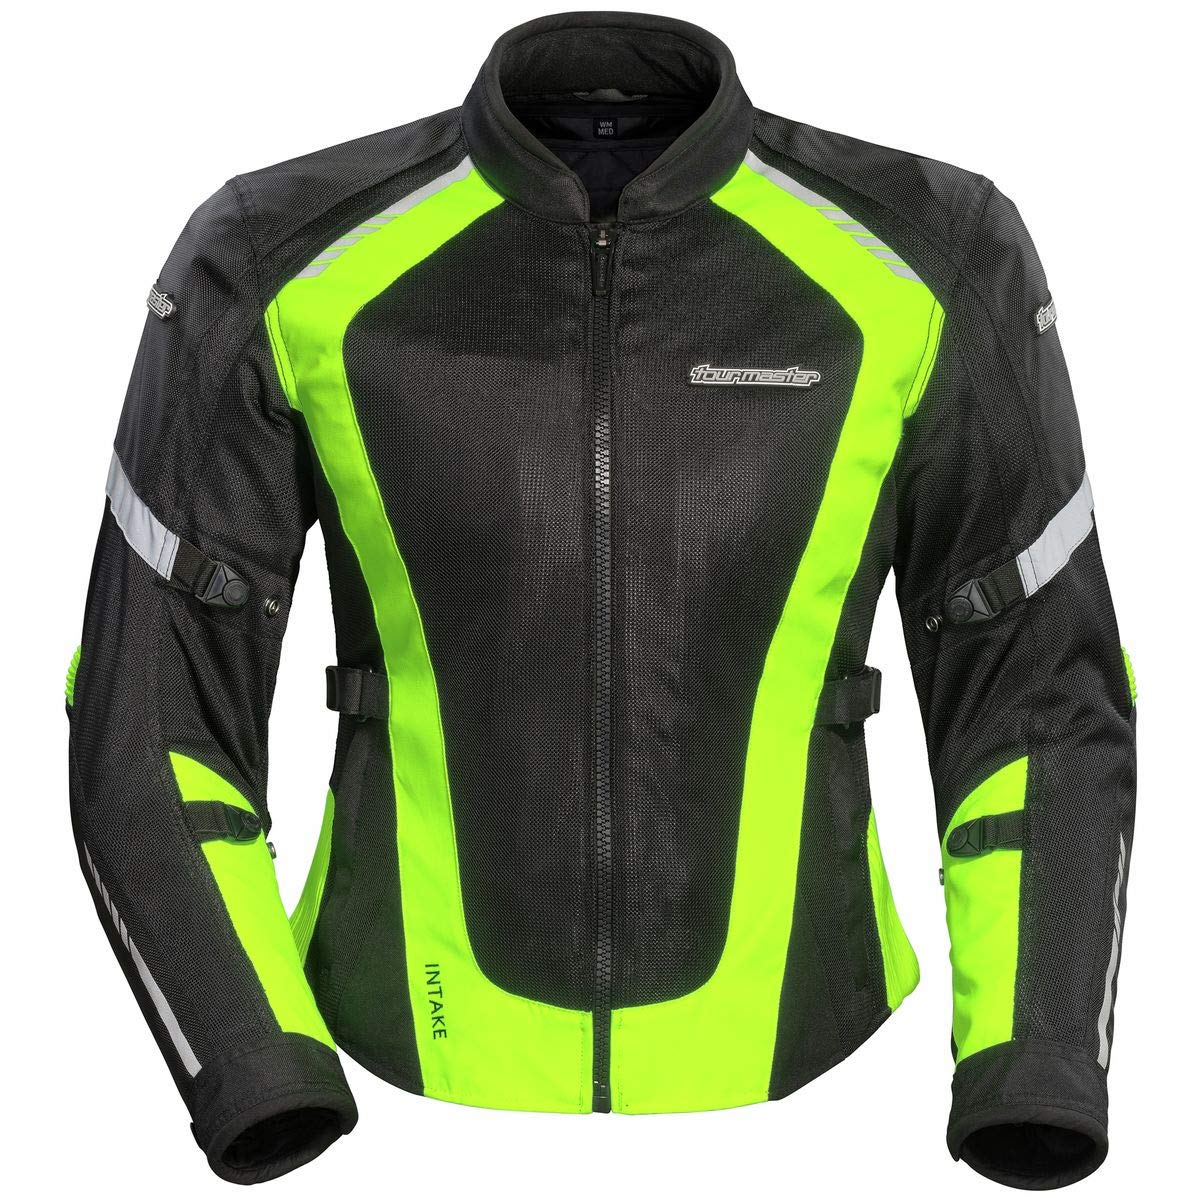 Tour Master Intake Air 5 Womens Street Motorcycle Jackets Black//Black//Medium